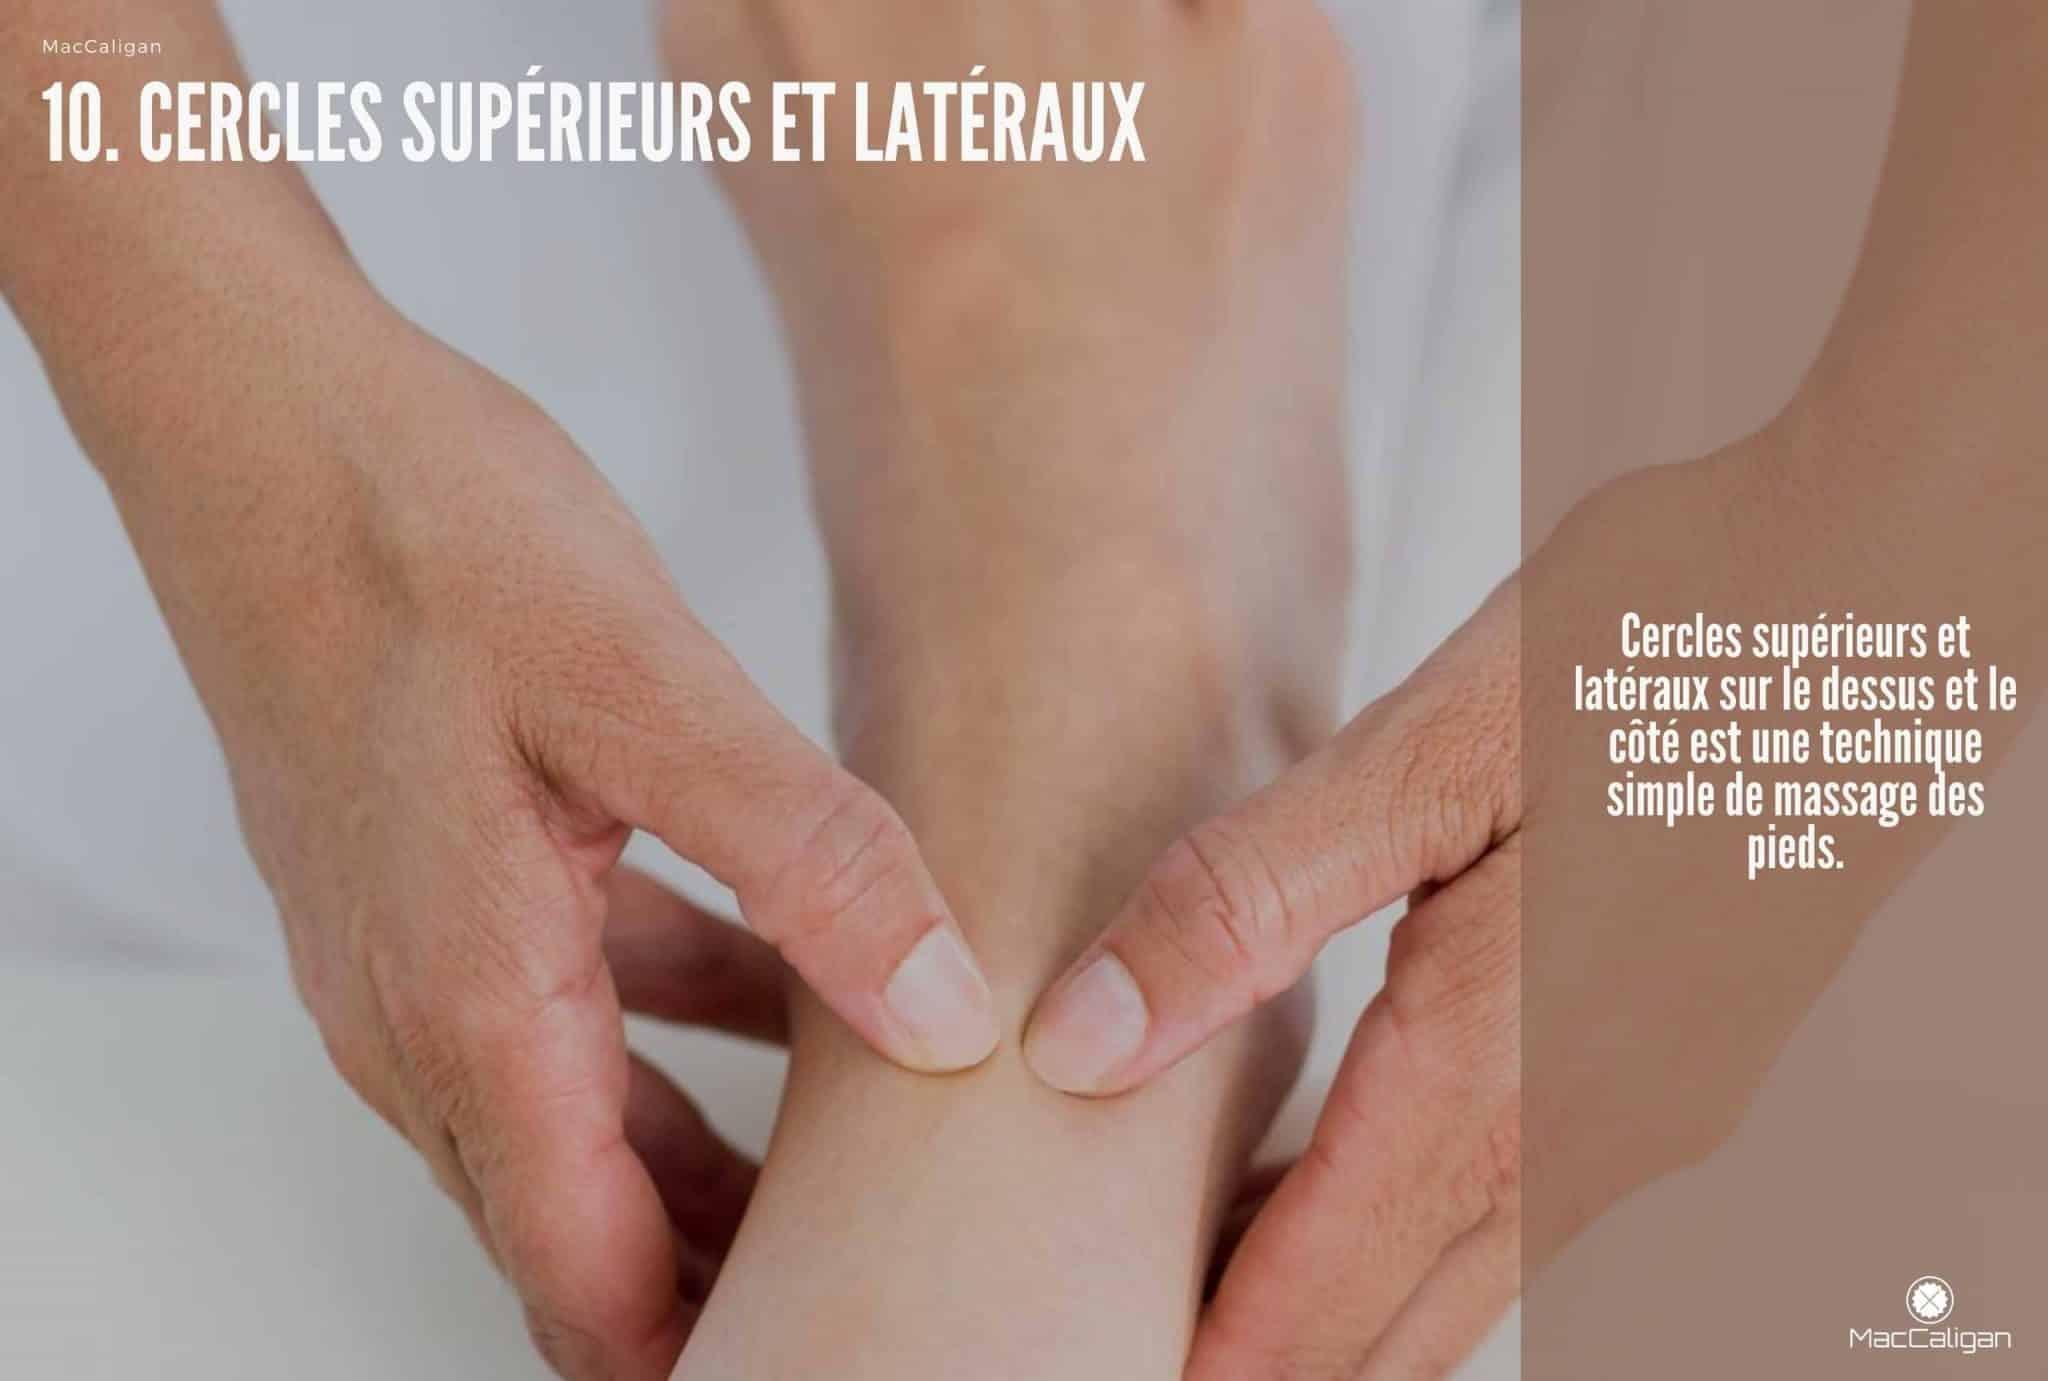 10. CERCLES SUPÉRIEURS ET LATÉRAUX - massage pied technique